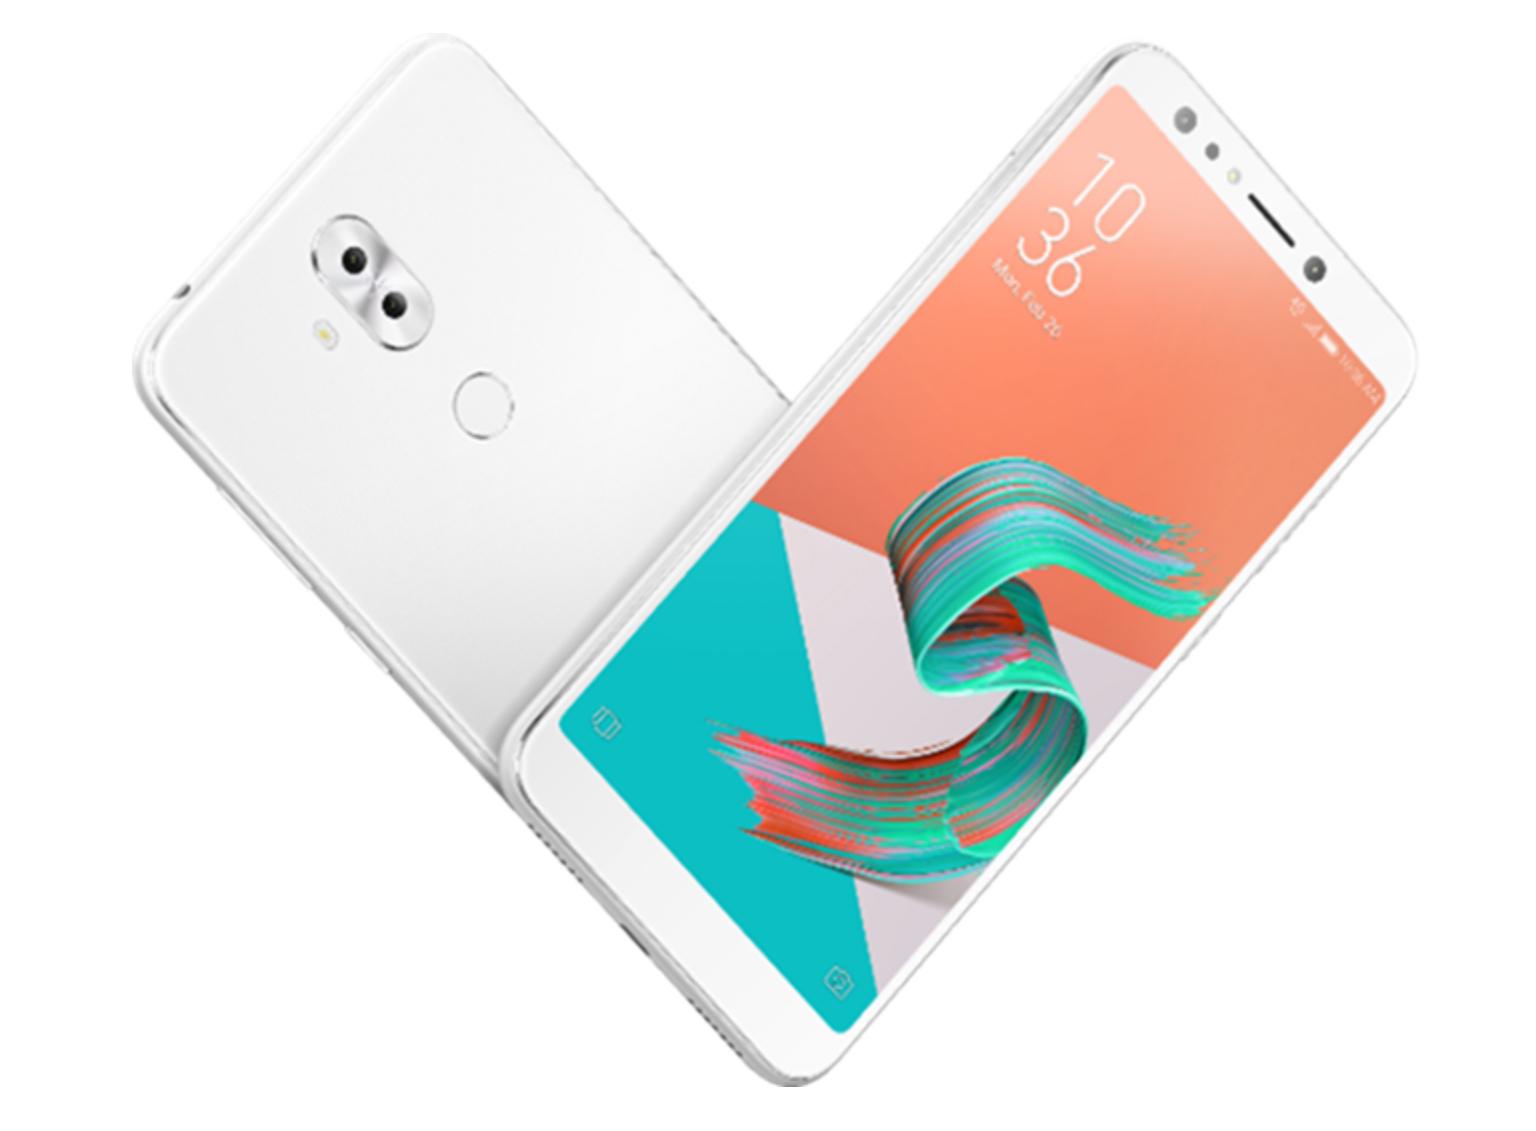 Новый смартфон ZenFone 5 Lite от ASUS